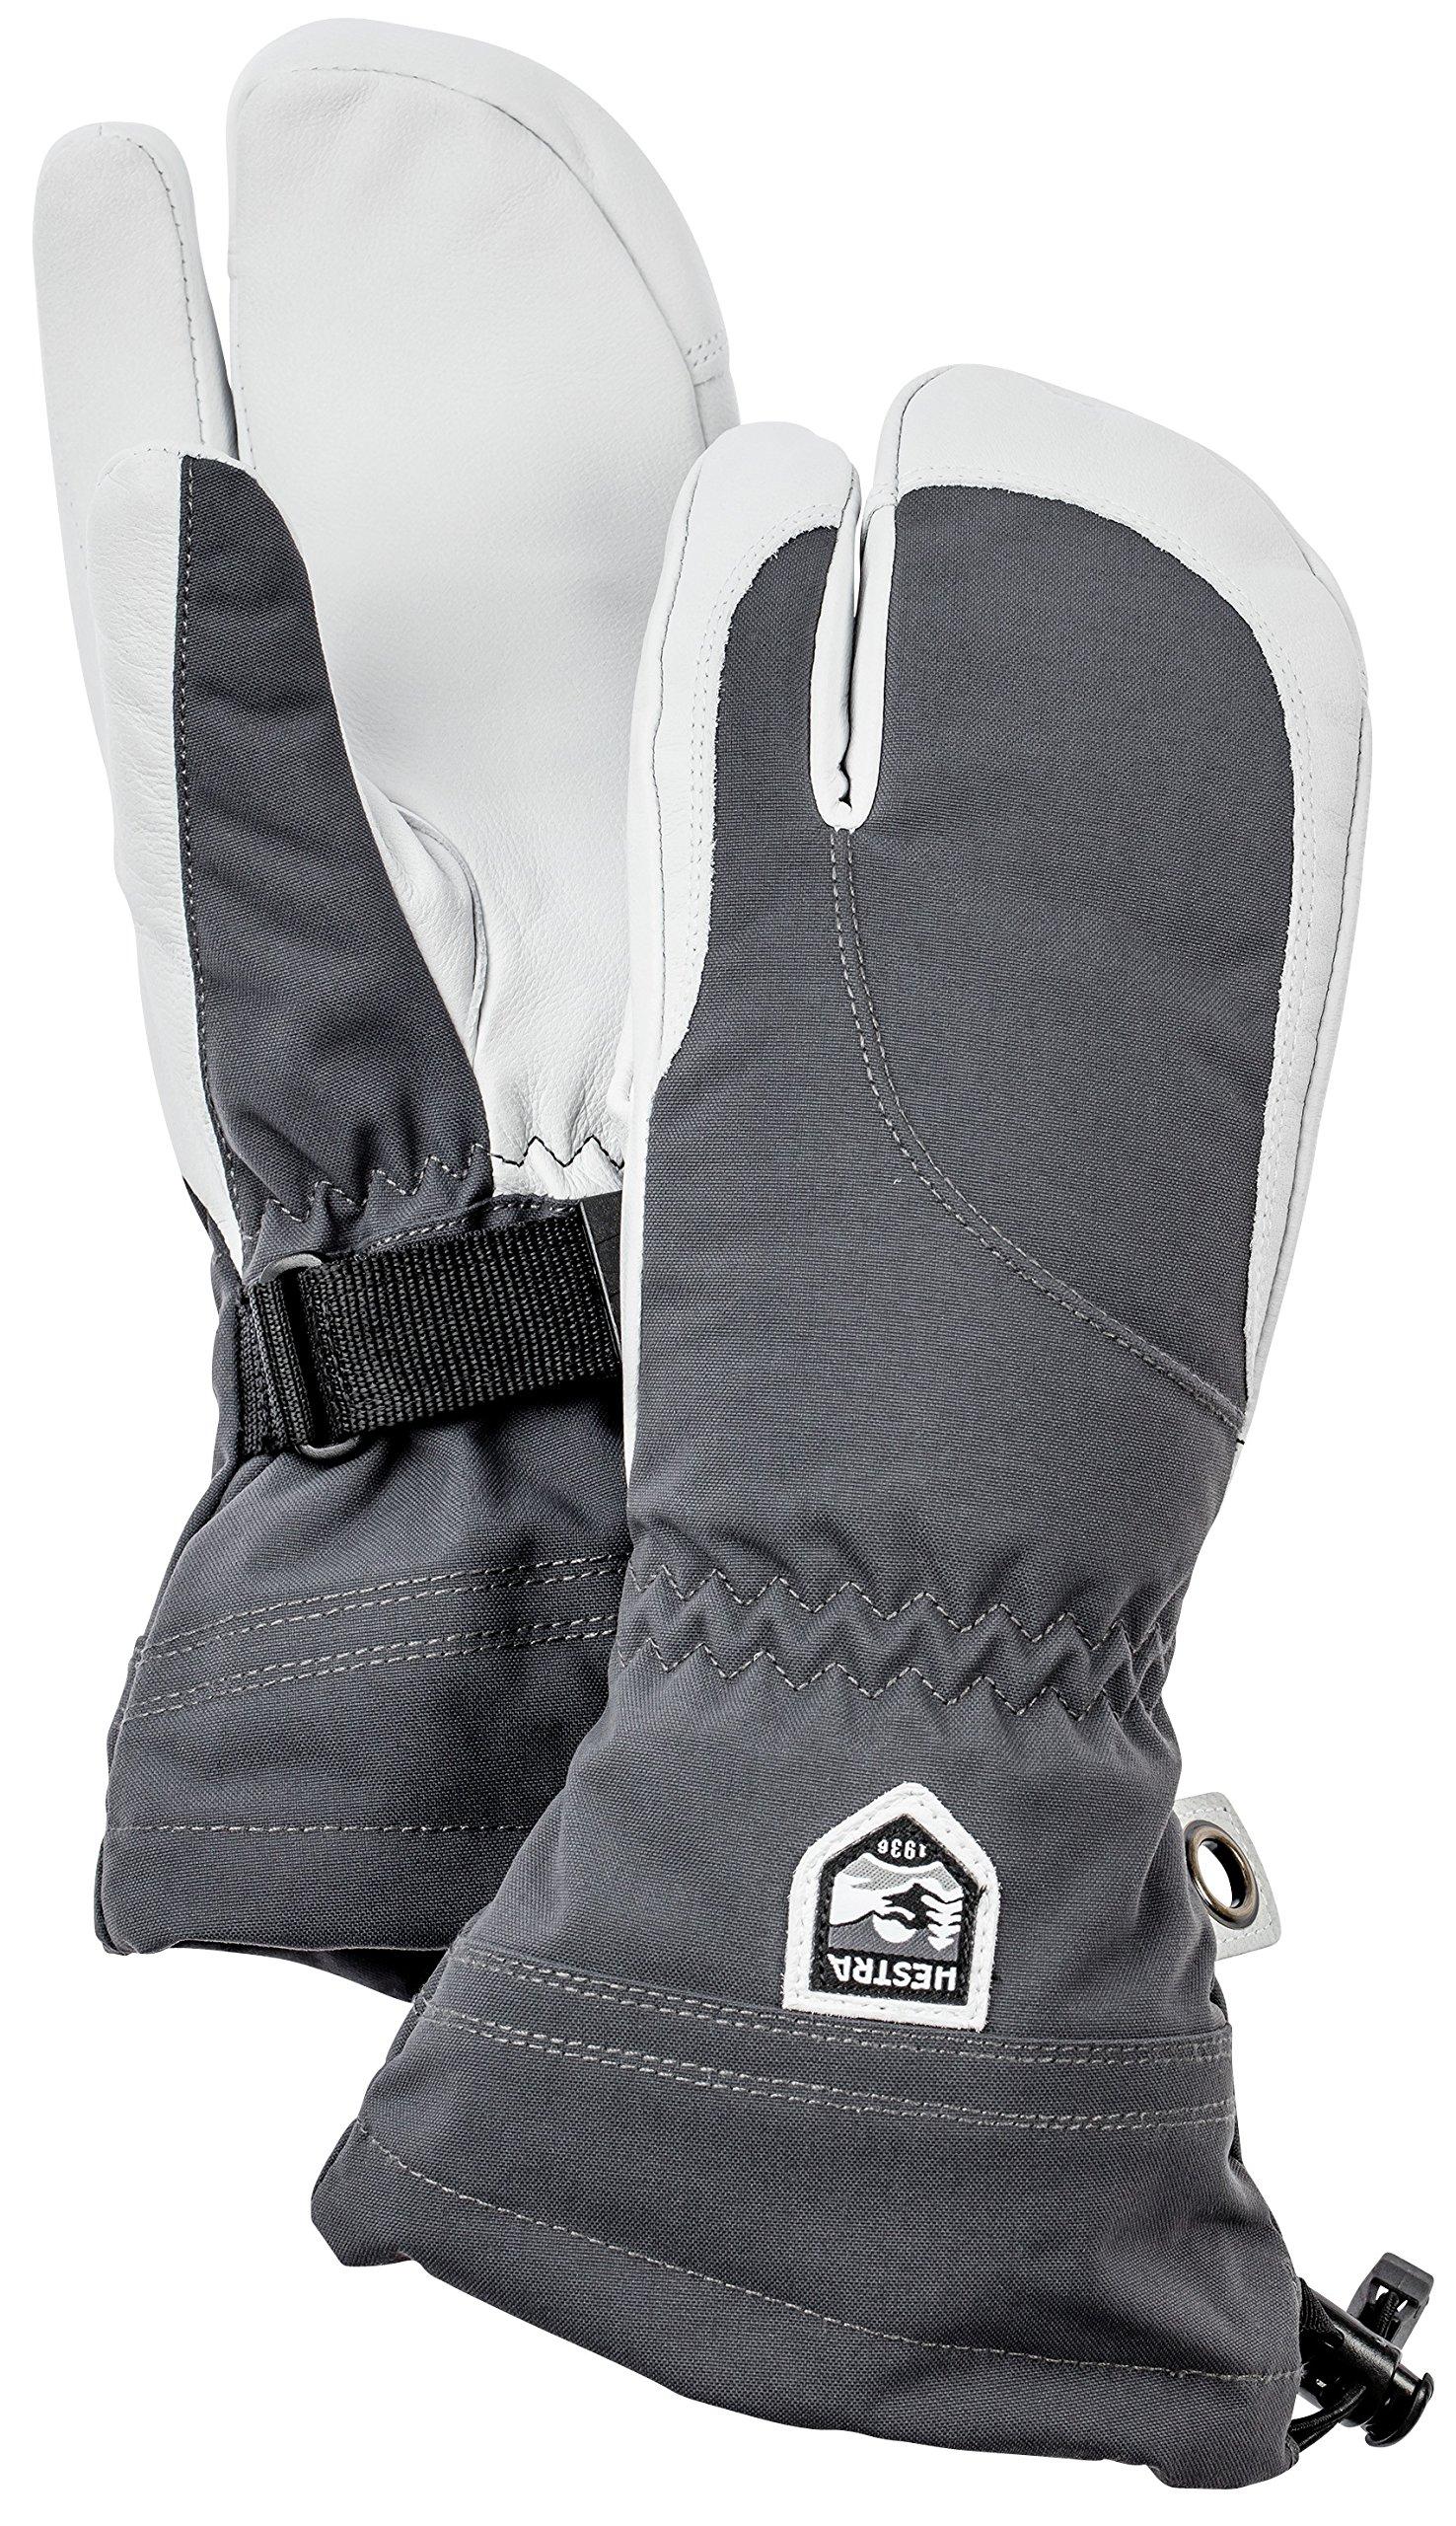 Hestra Women's Heli 3-Finger Gloves, Grey, Size 7